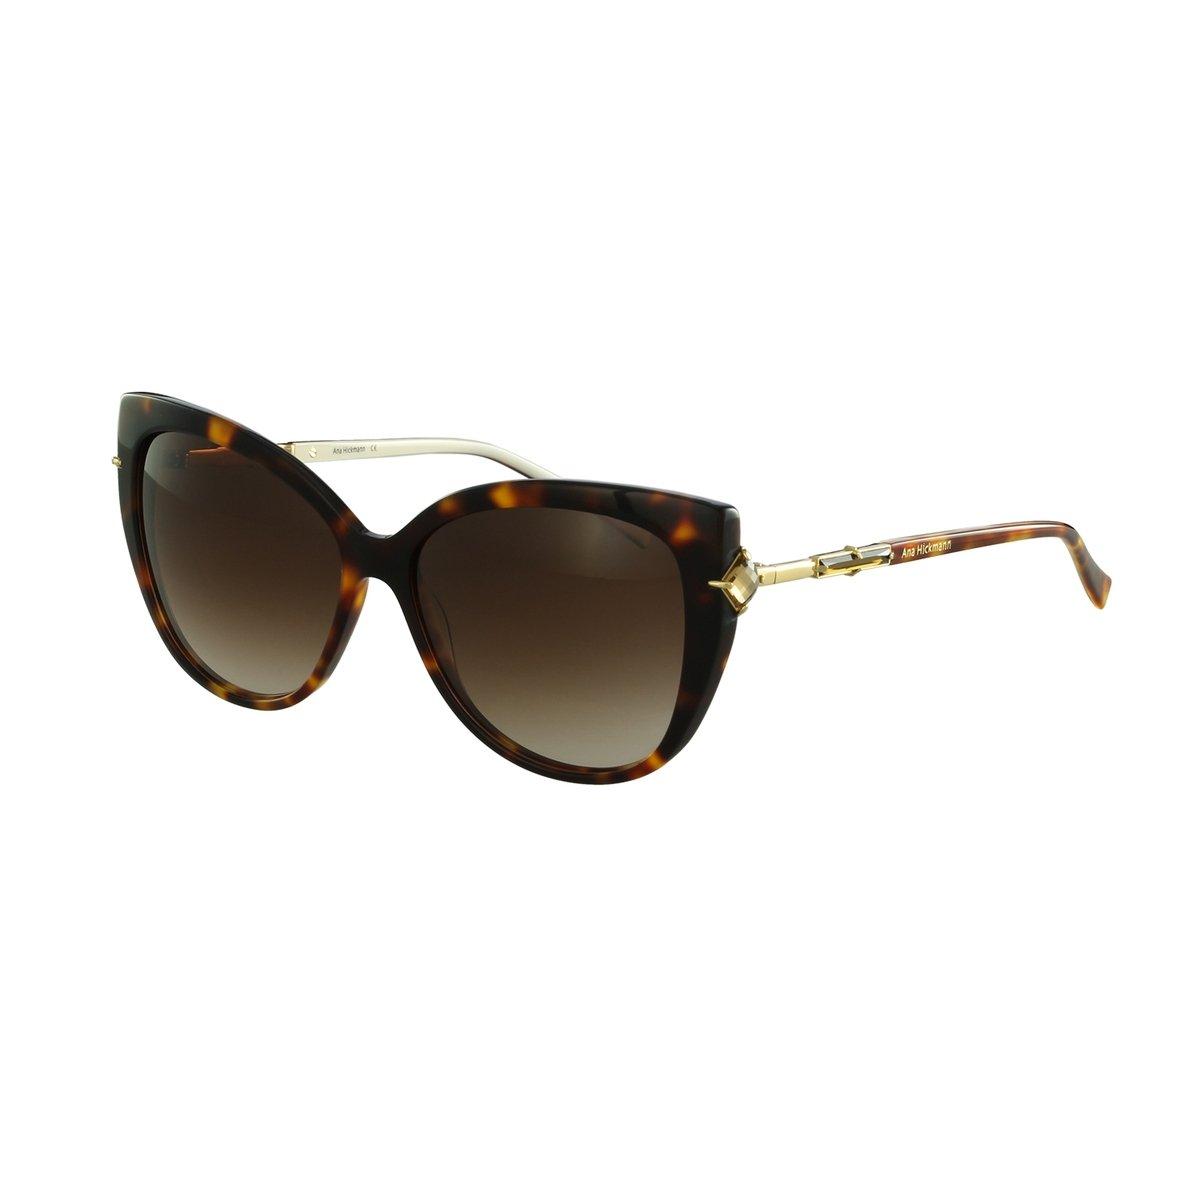 Óculos De Sol Ana Hickmann Gatinho - Compre Agora   Netshoes 0a9ca125dc